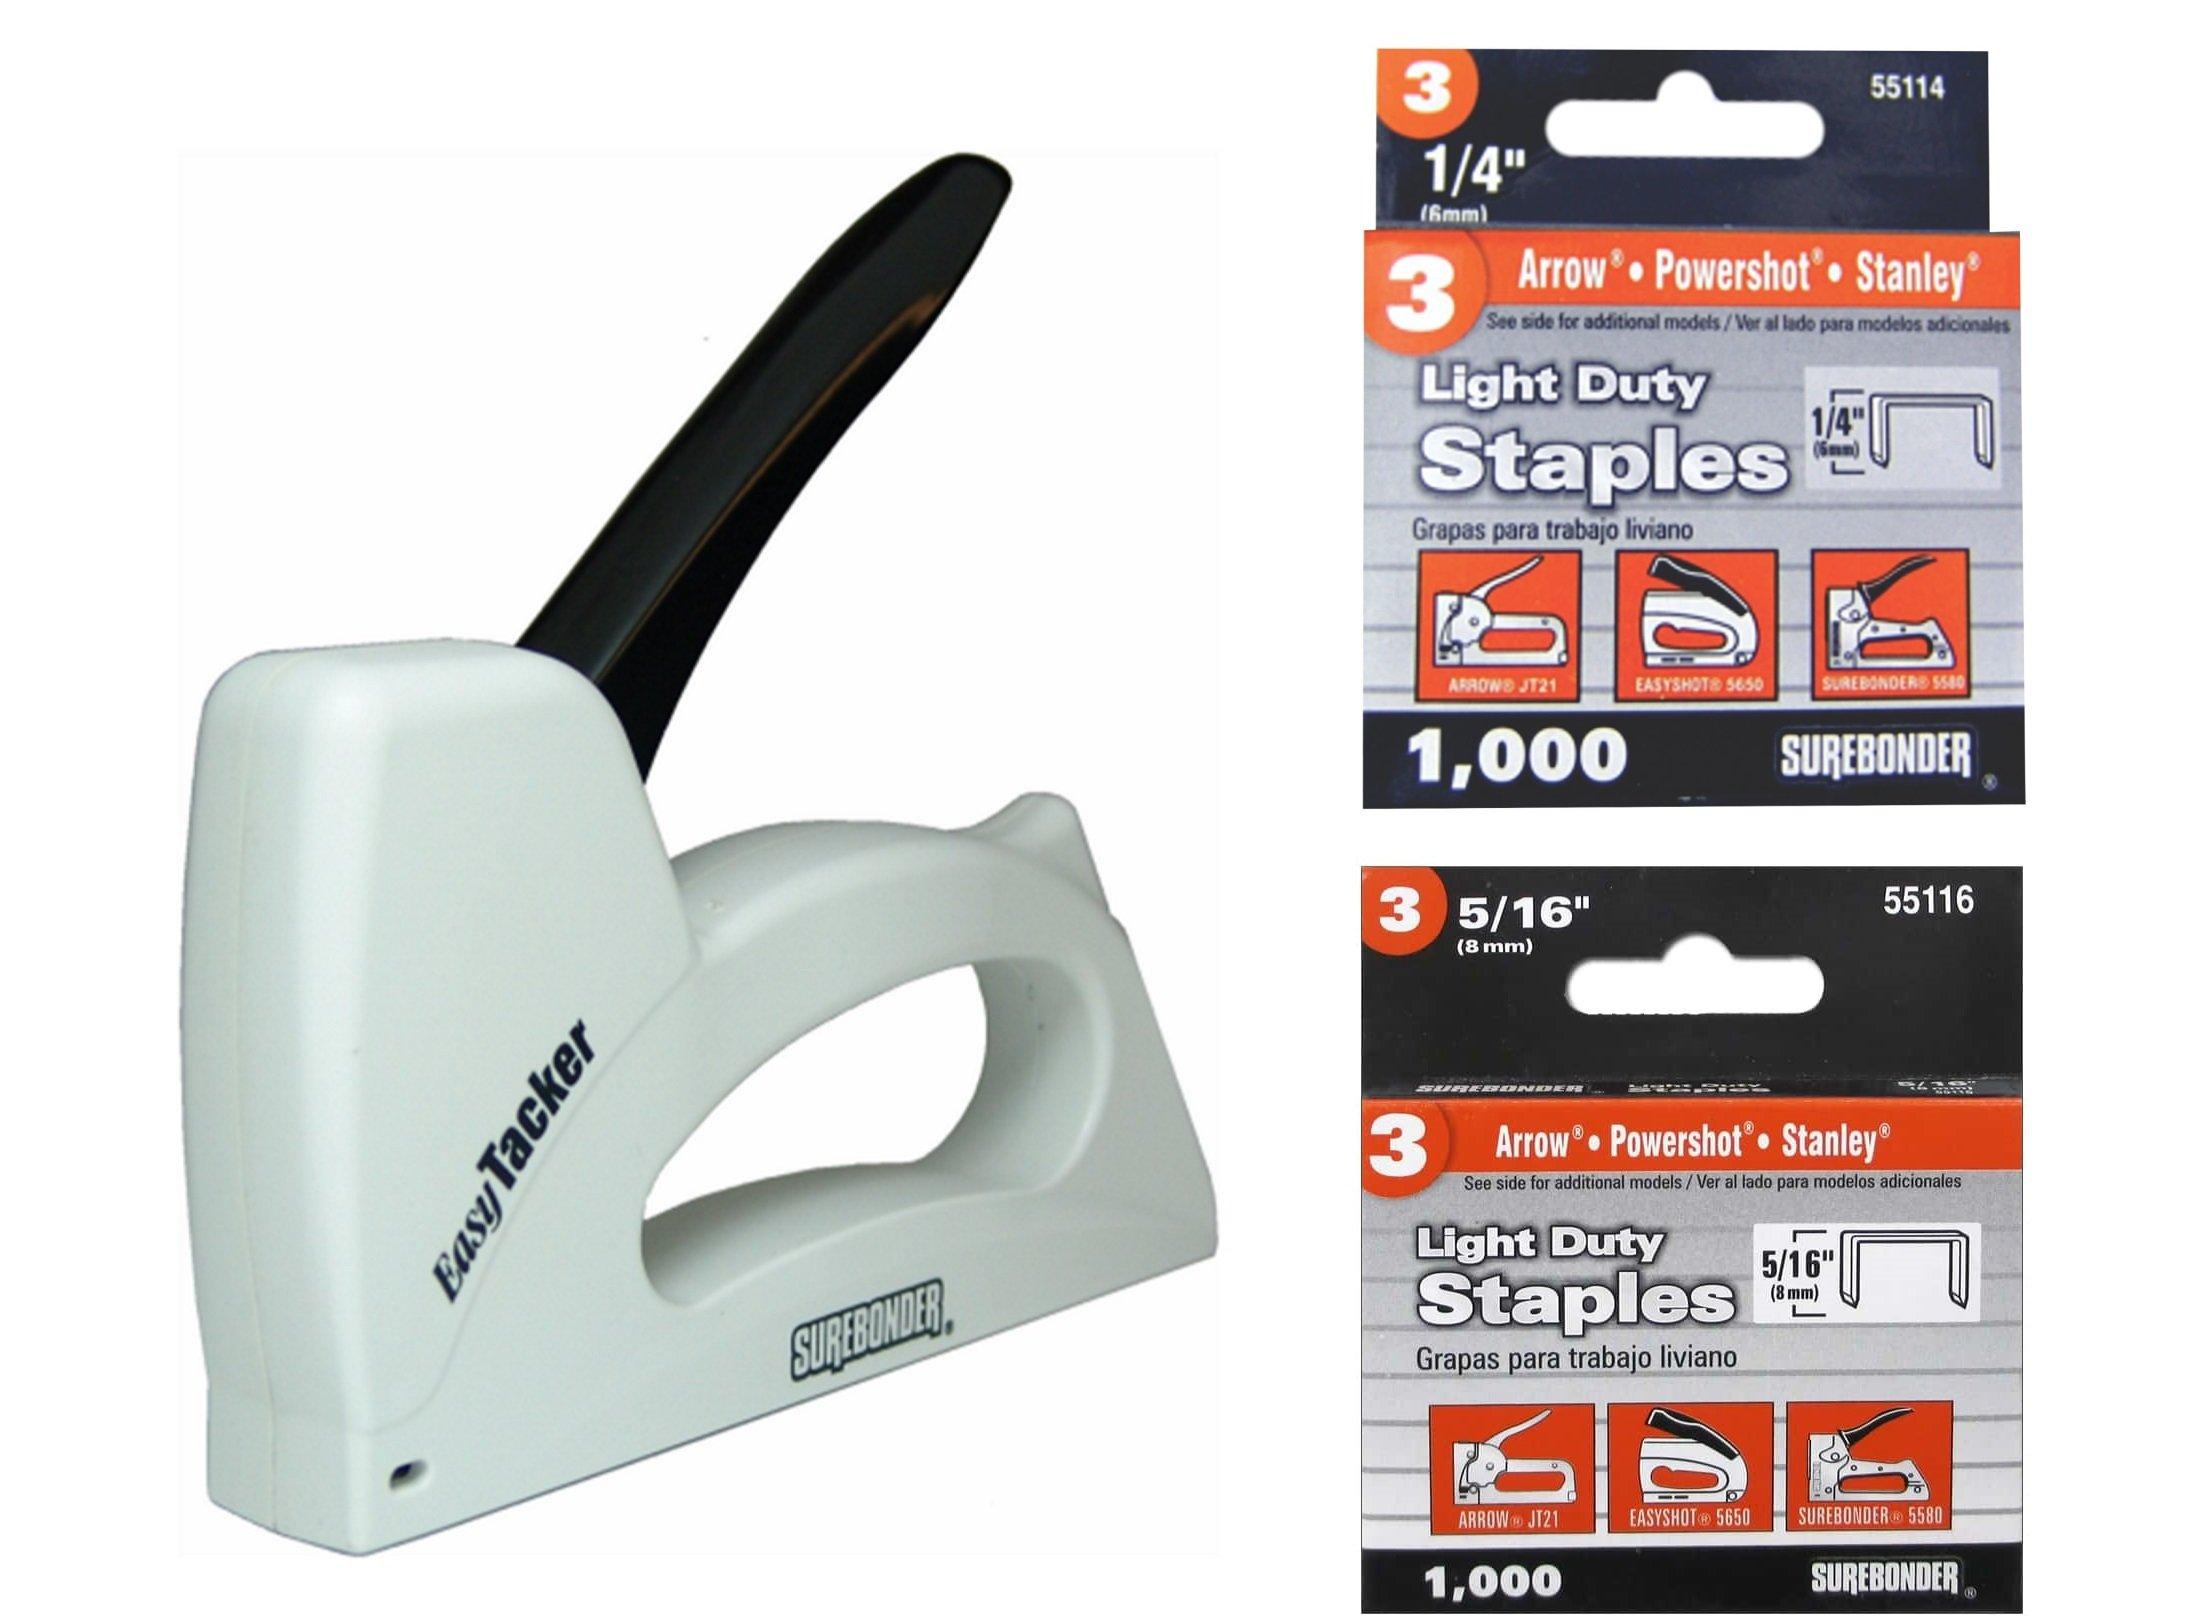 """Surebonder 5525 Plastic Light Duty 1/4"""" - 3/8"""" Stapler Bundle with No. 3 Light Duty ¼"""" Leg Length (55114) and 5/16"""" Leg Length (55116), 0.441"""" Crown Staples, Arrow JT21 Type, 1000 Count Each"""